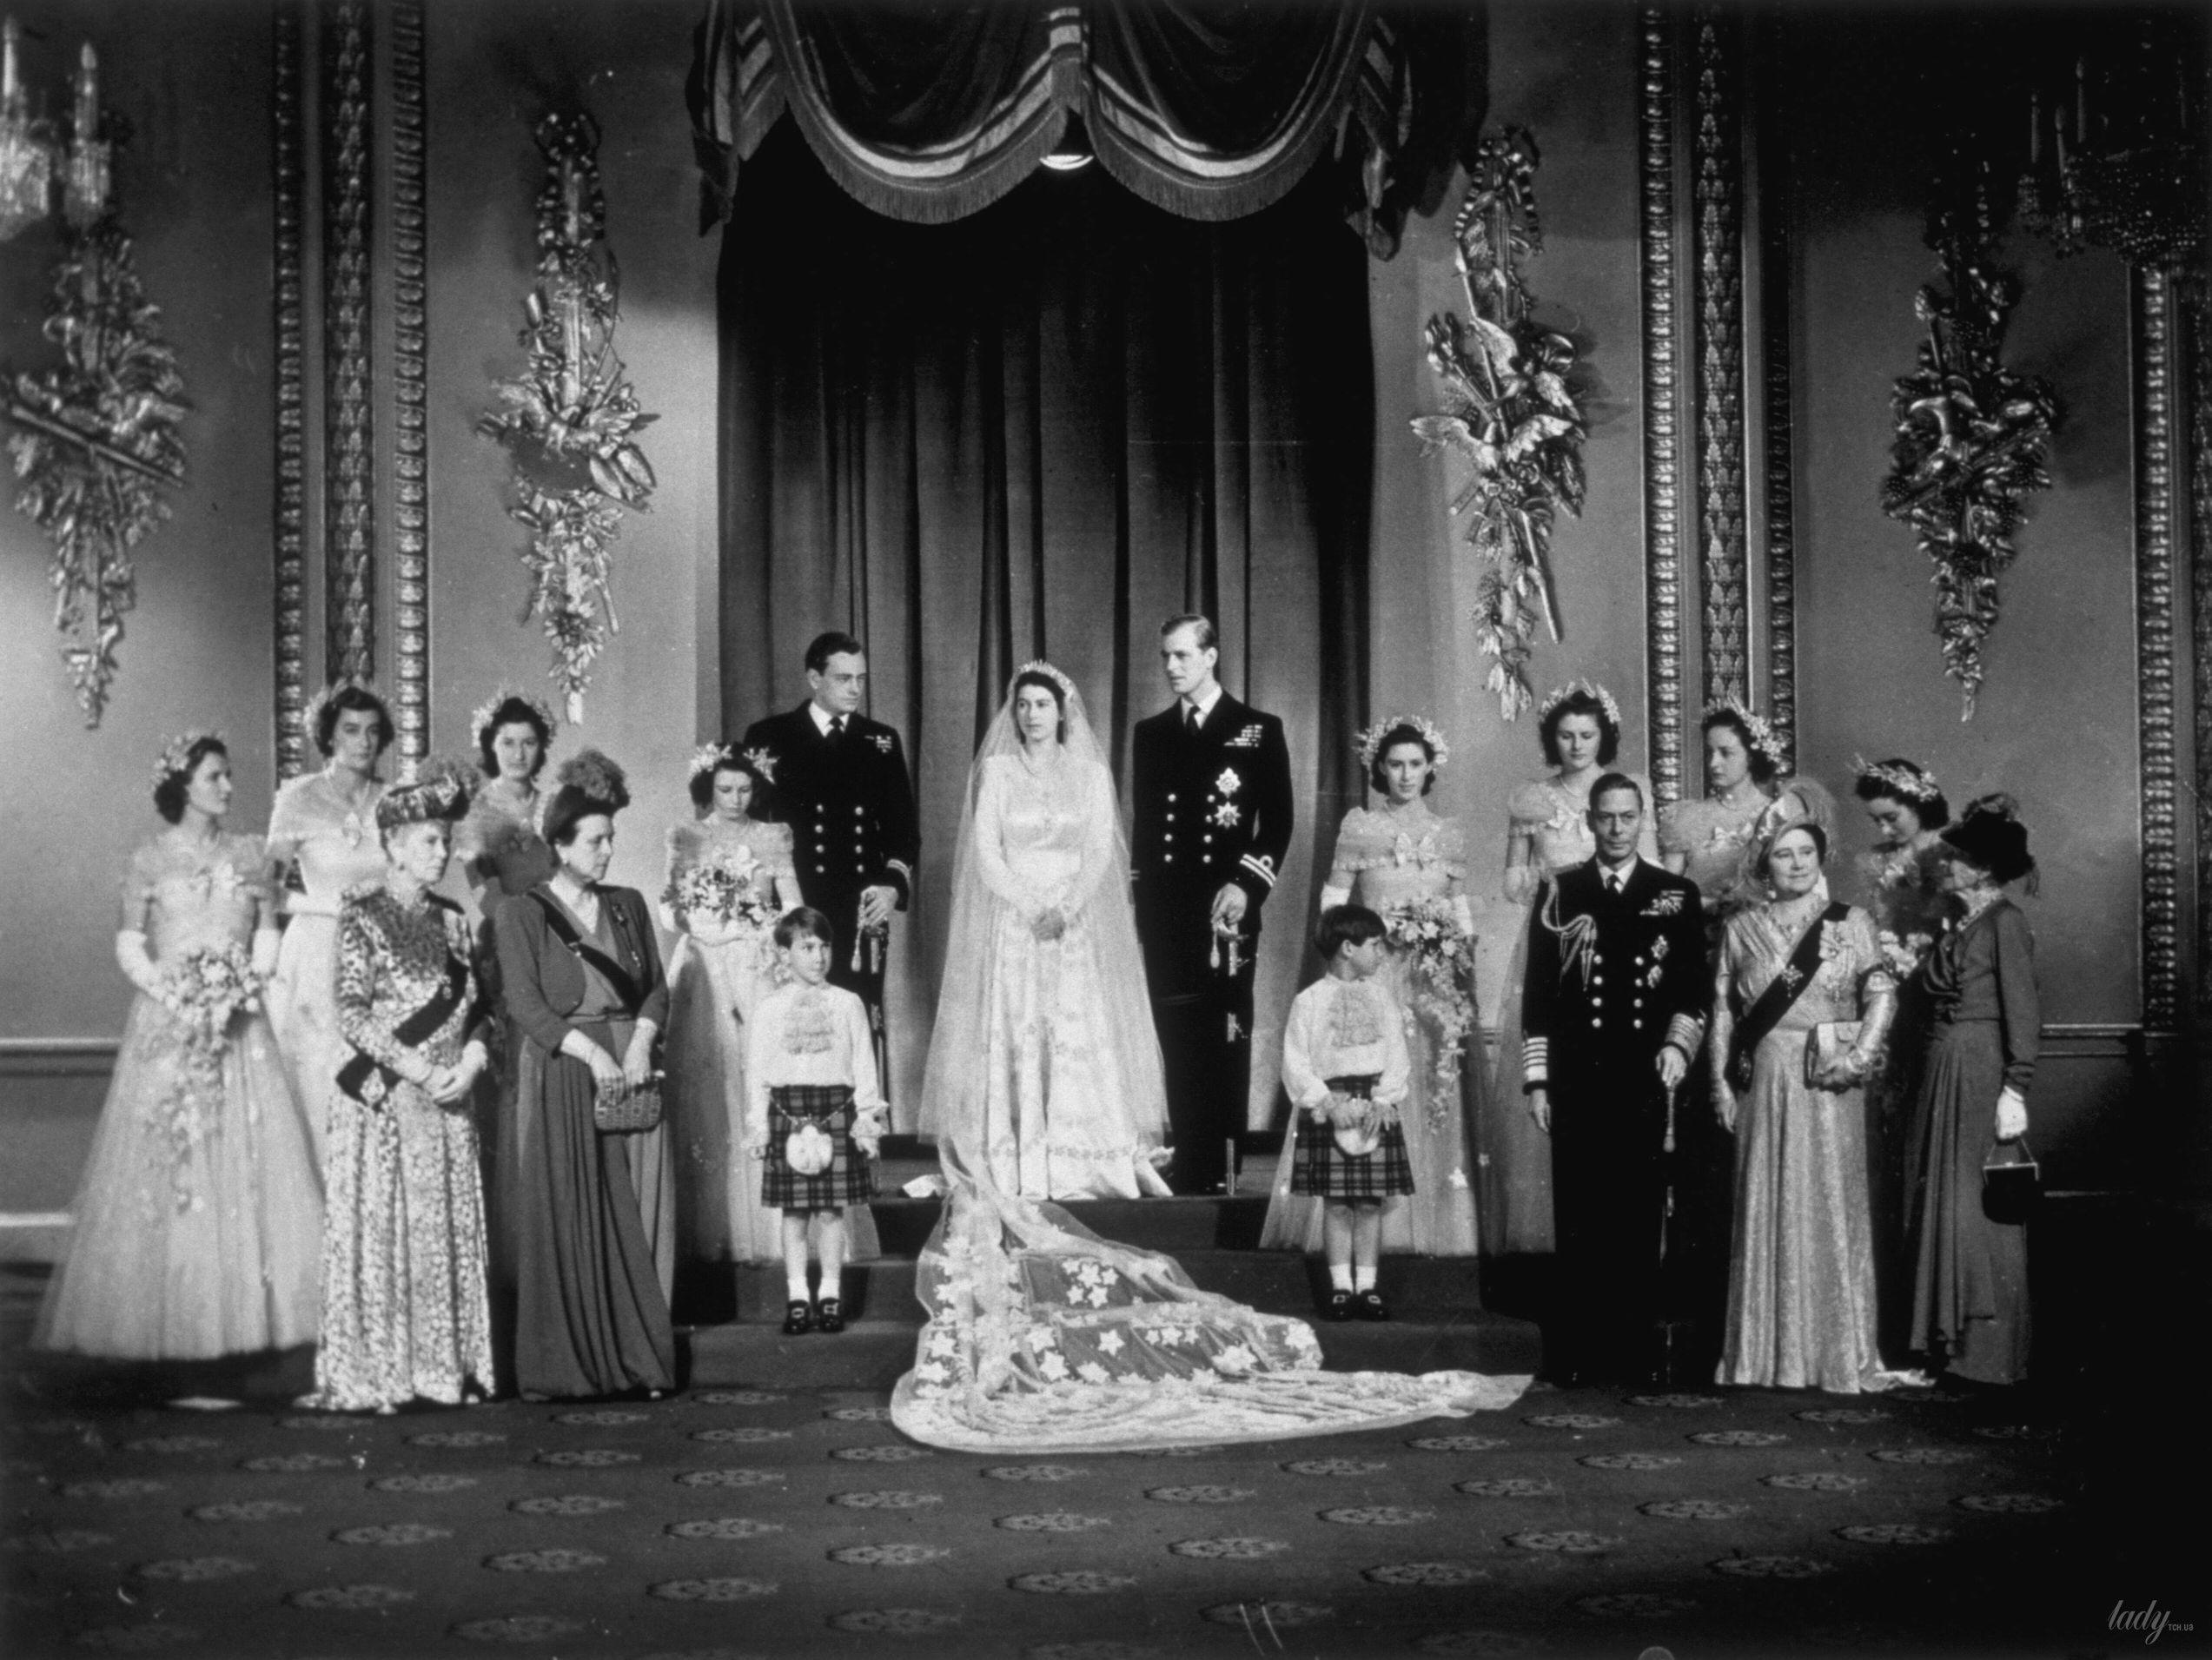 Свадьба королевы Елизаветы II и принца Филиппа_4